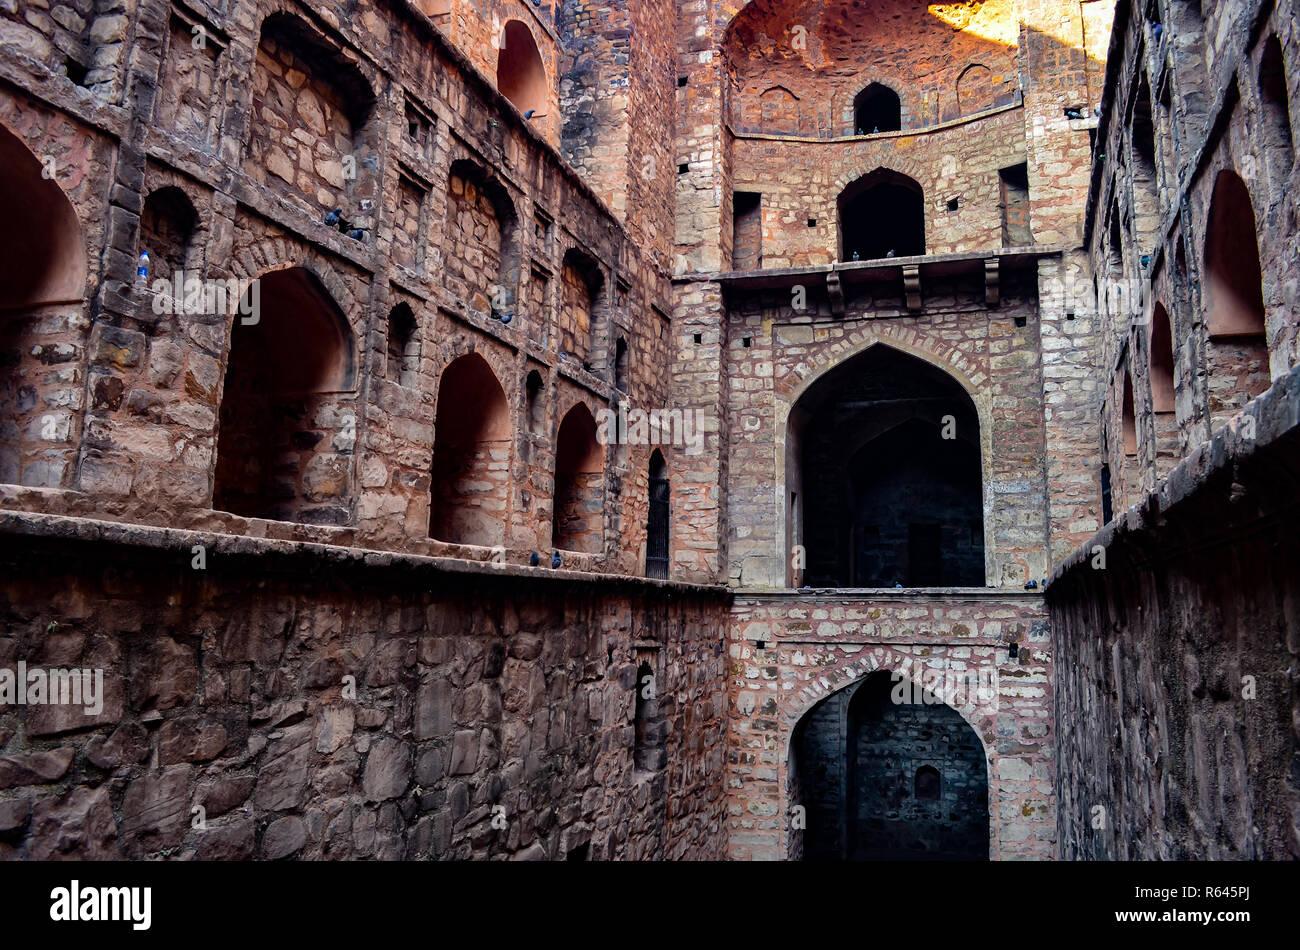 Vista laterale di Ugrasen ki Baoli, un antico pozzo di acqua costruito da Ugrasen in Connaught Place, Delhi. Immagini Stock